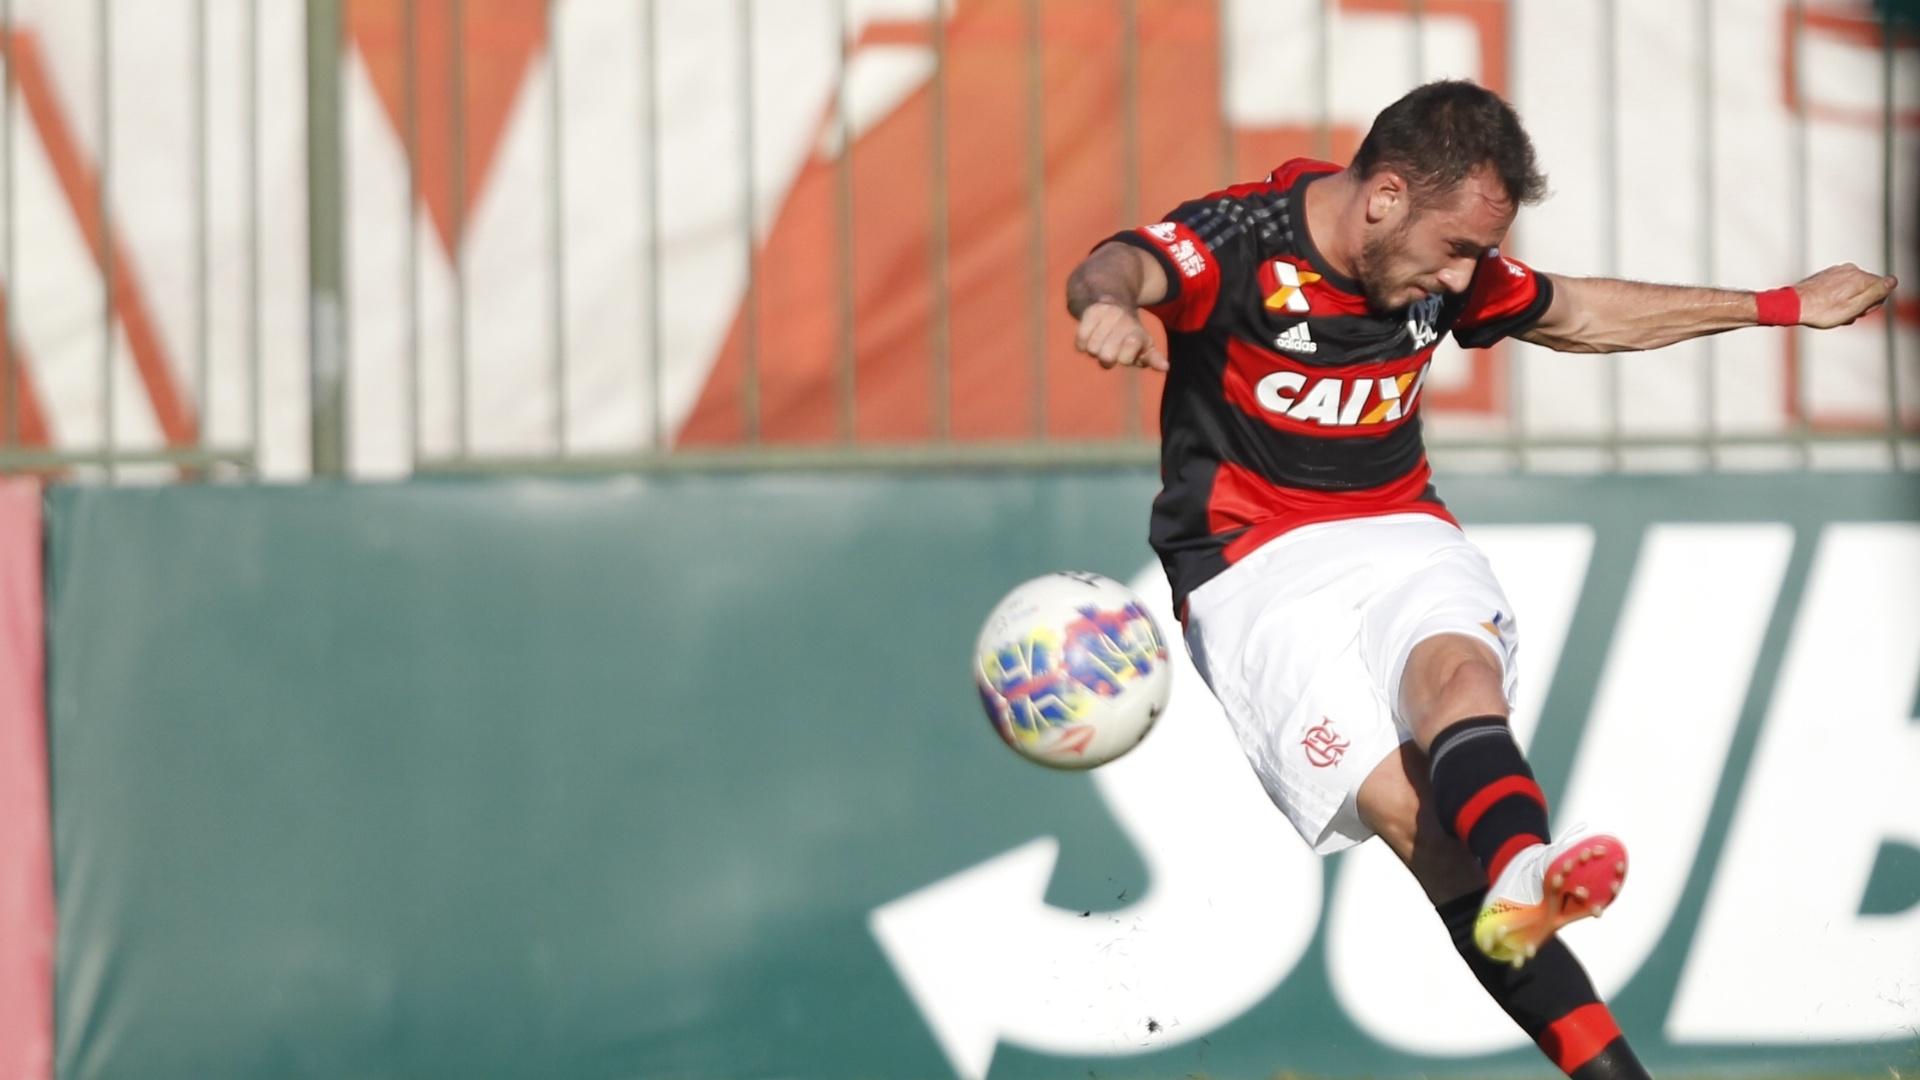 Mancuello cobra falta com categoria e marca o primeiro gol com a camisa do Flamengo